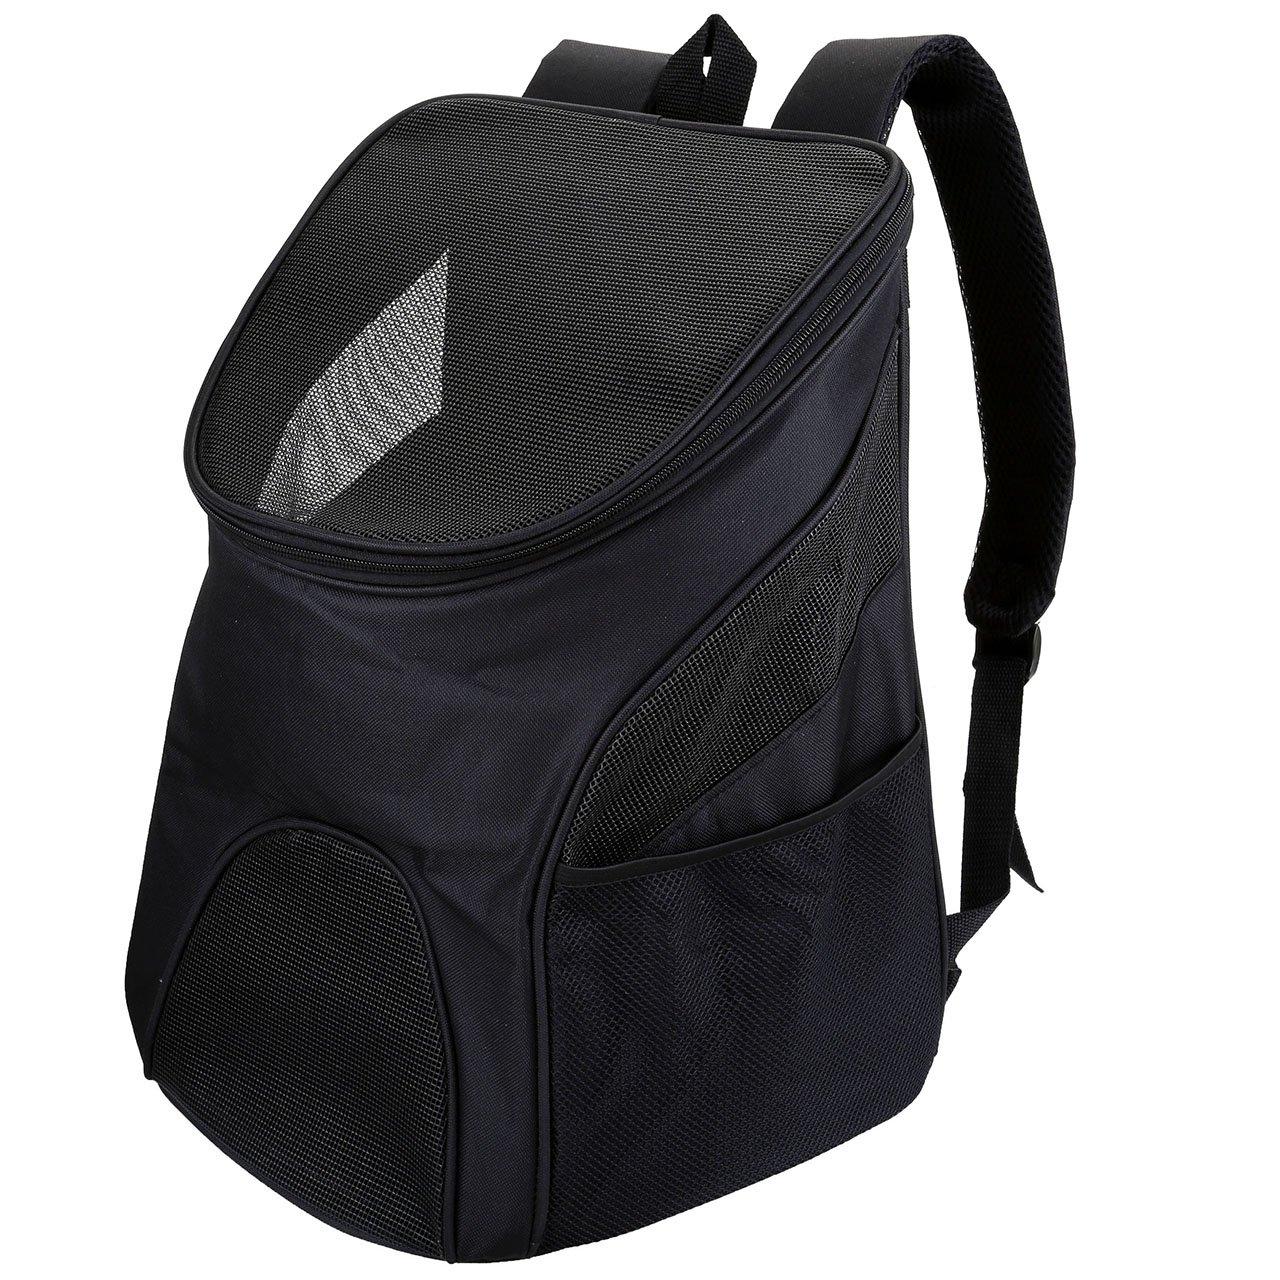 Mogoko Sac à Dos Sac de Transport Voyage pour Chien Chat Animeaux - Oxford Léger Pratique Solide Durable Sécuritaire Confortable - M Noir MMFR000794